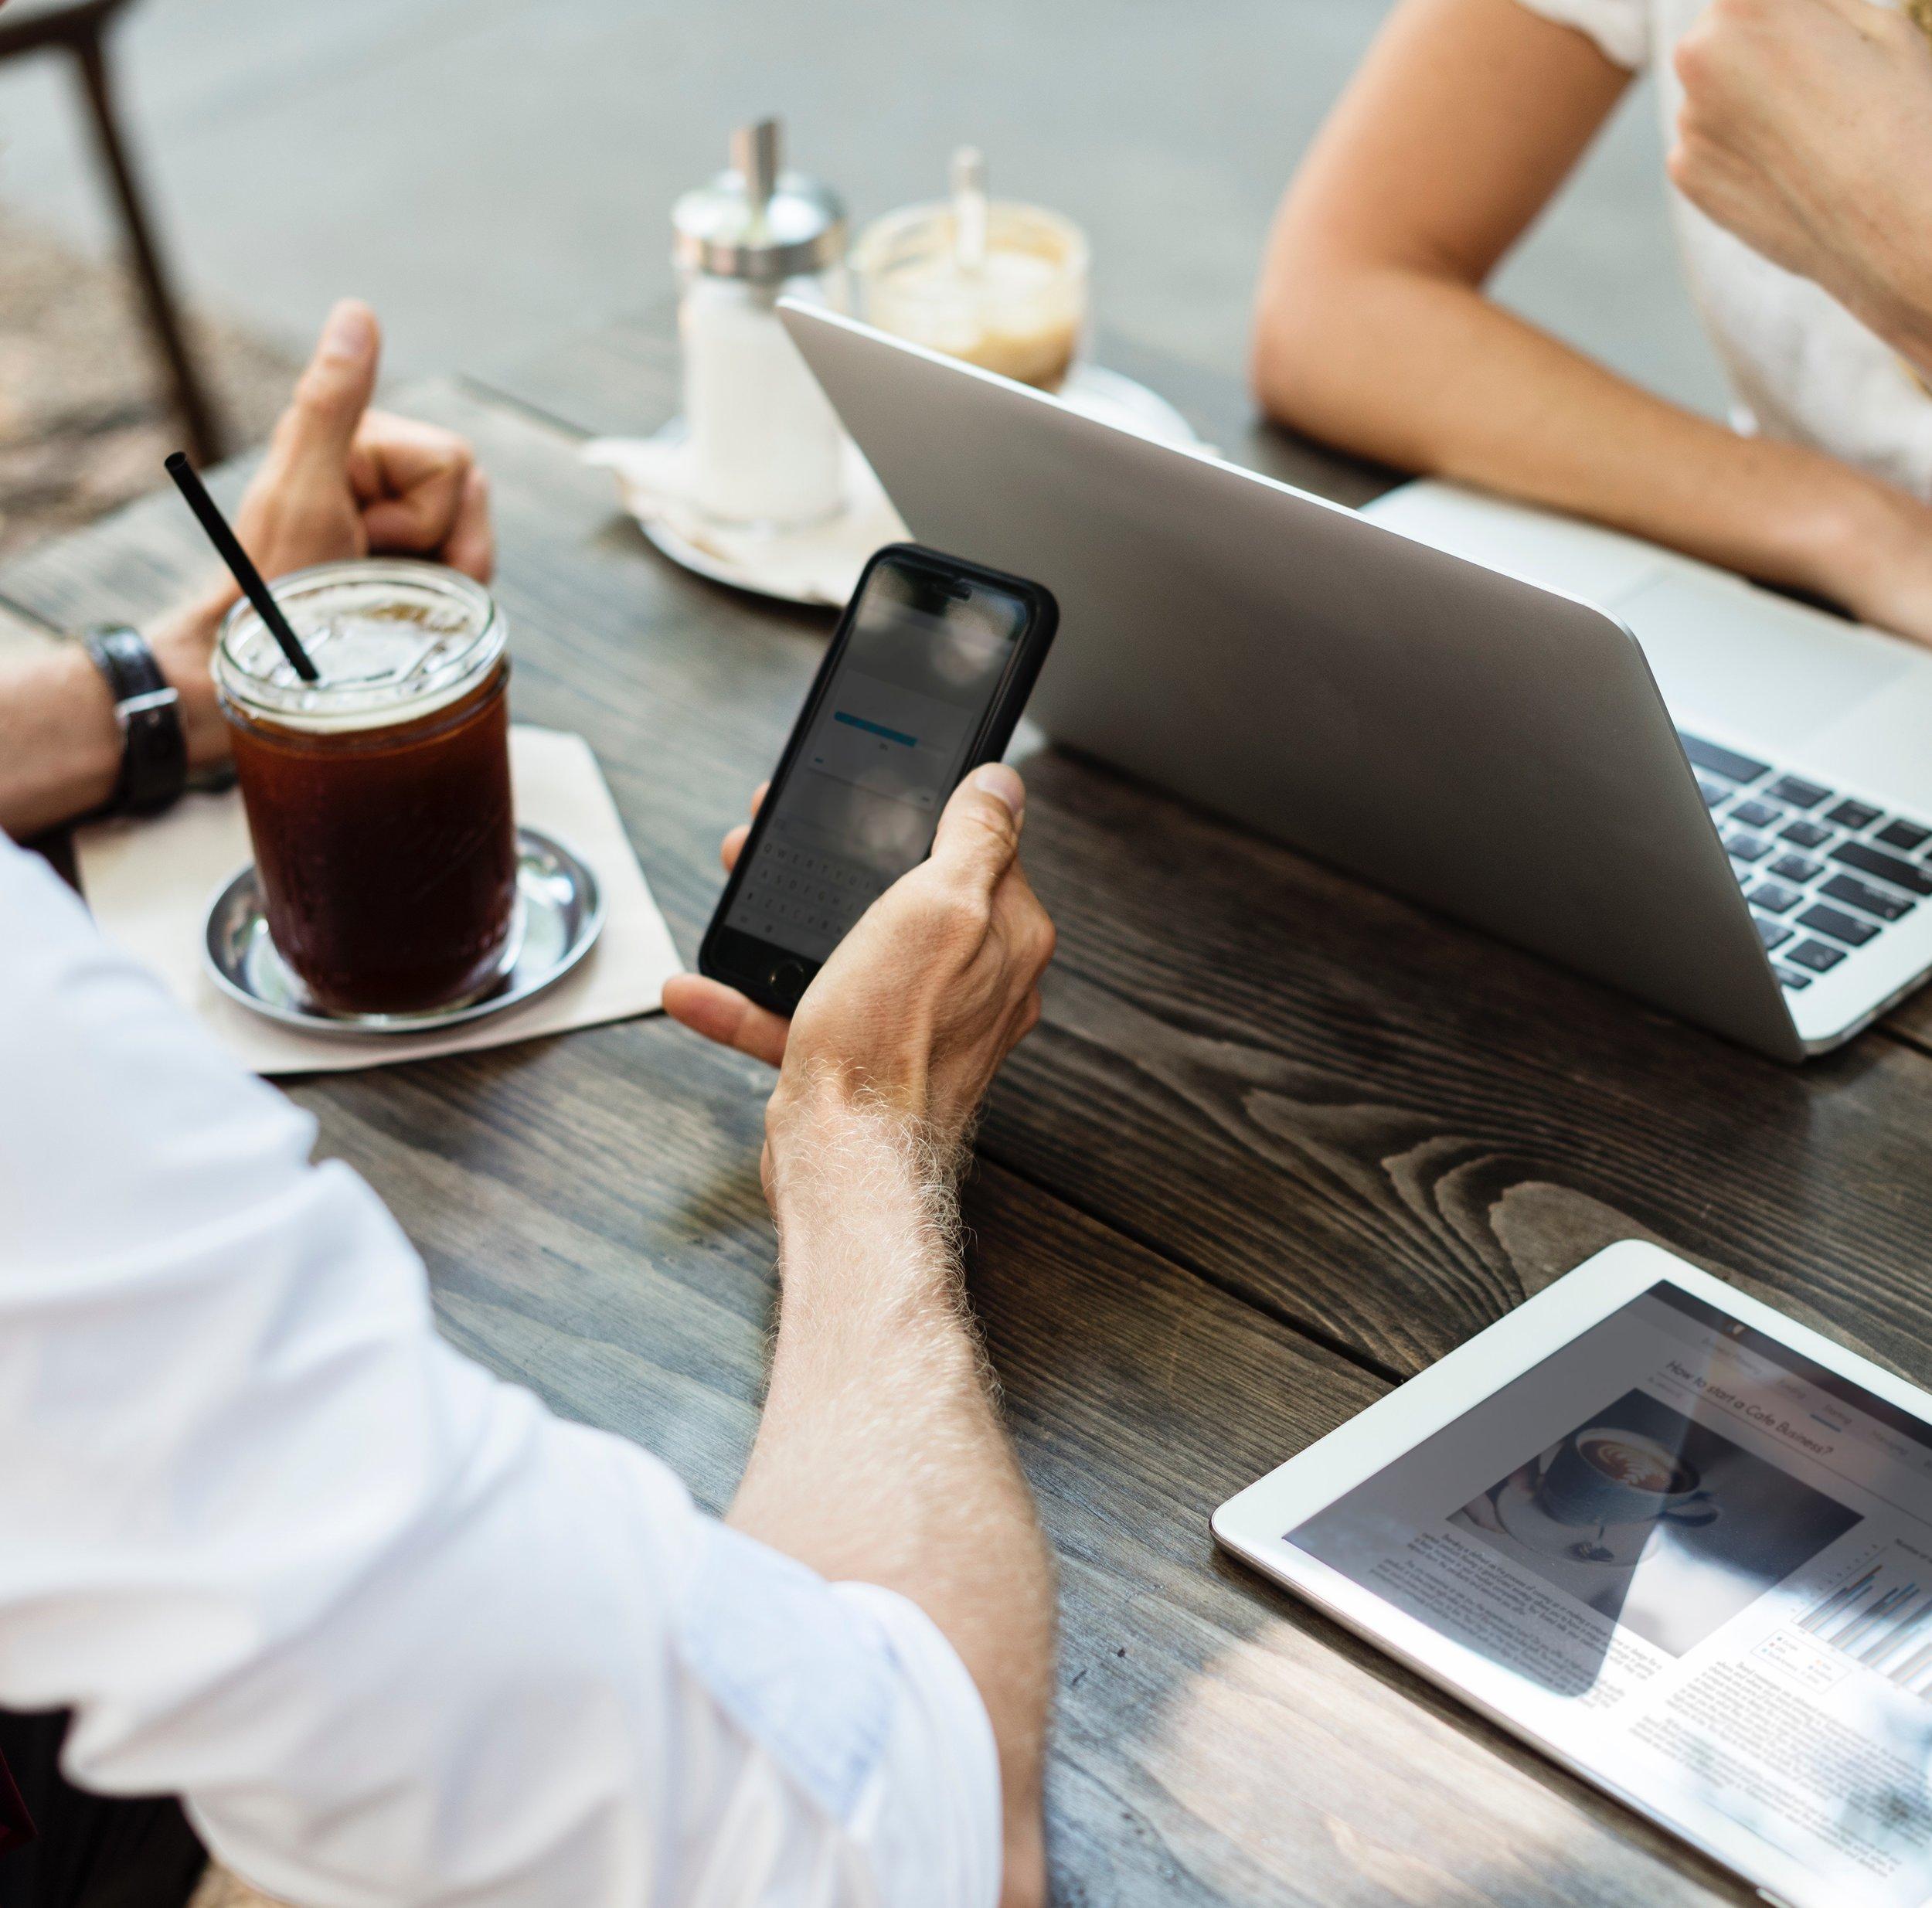 VENNOOTSCHAP - Voor al je vragen over vennootschappen, M&A en contracten.